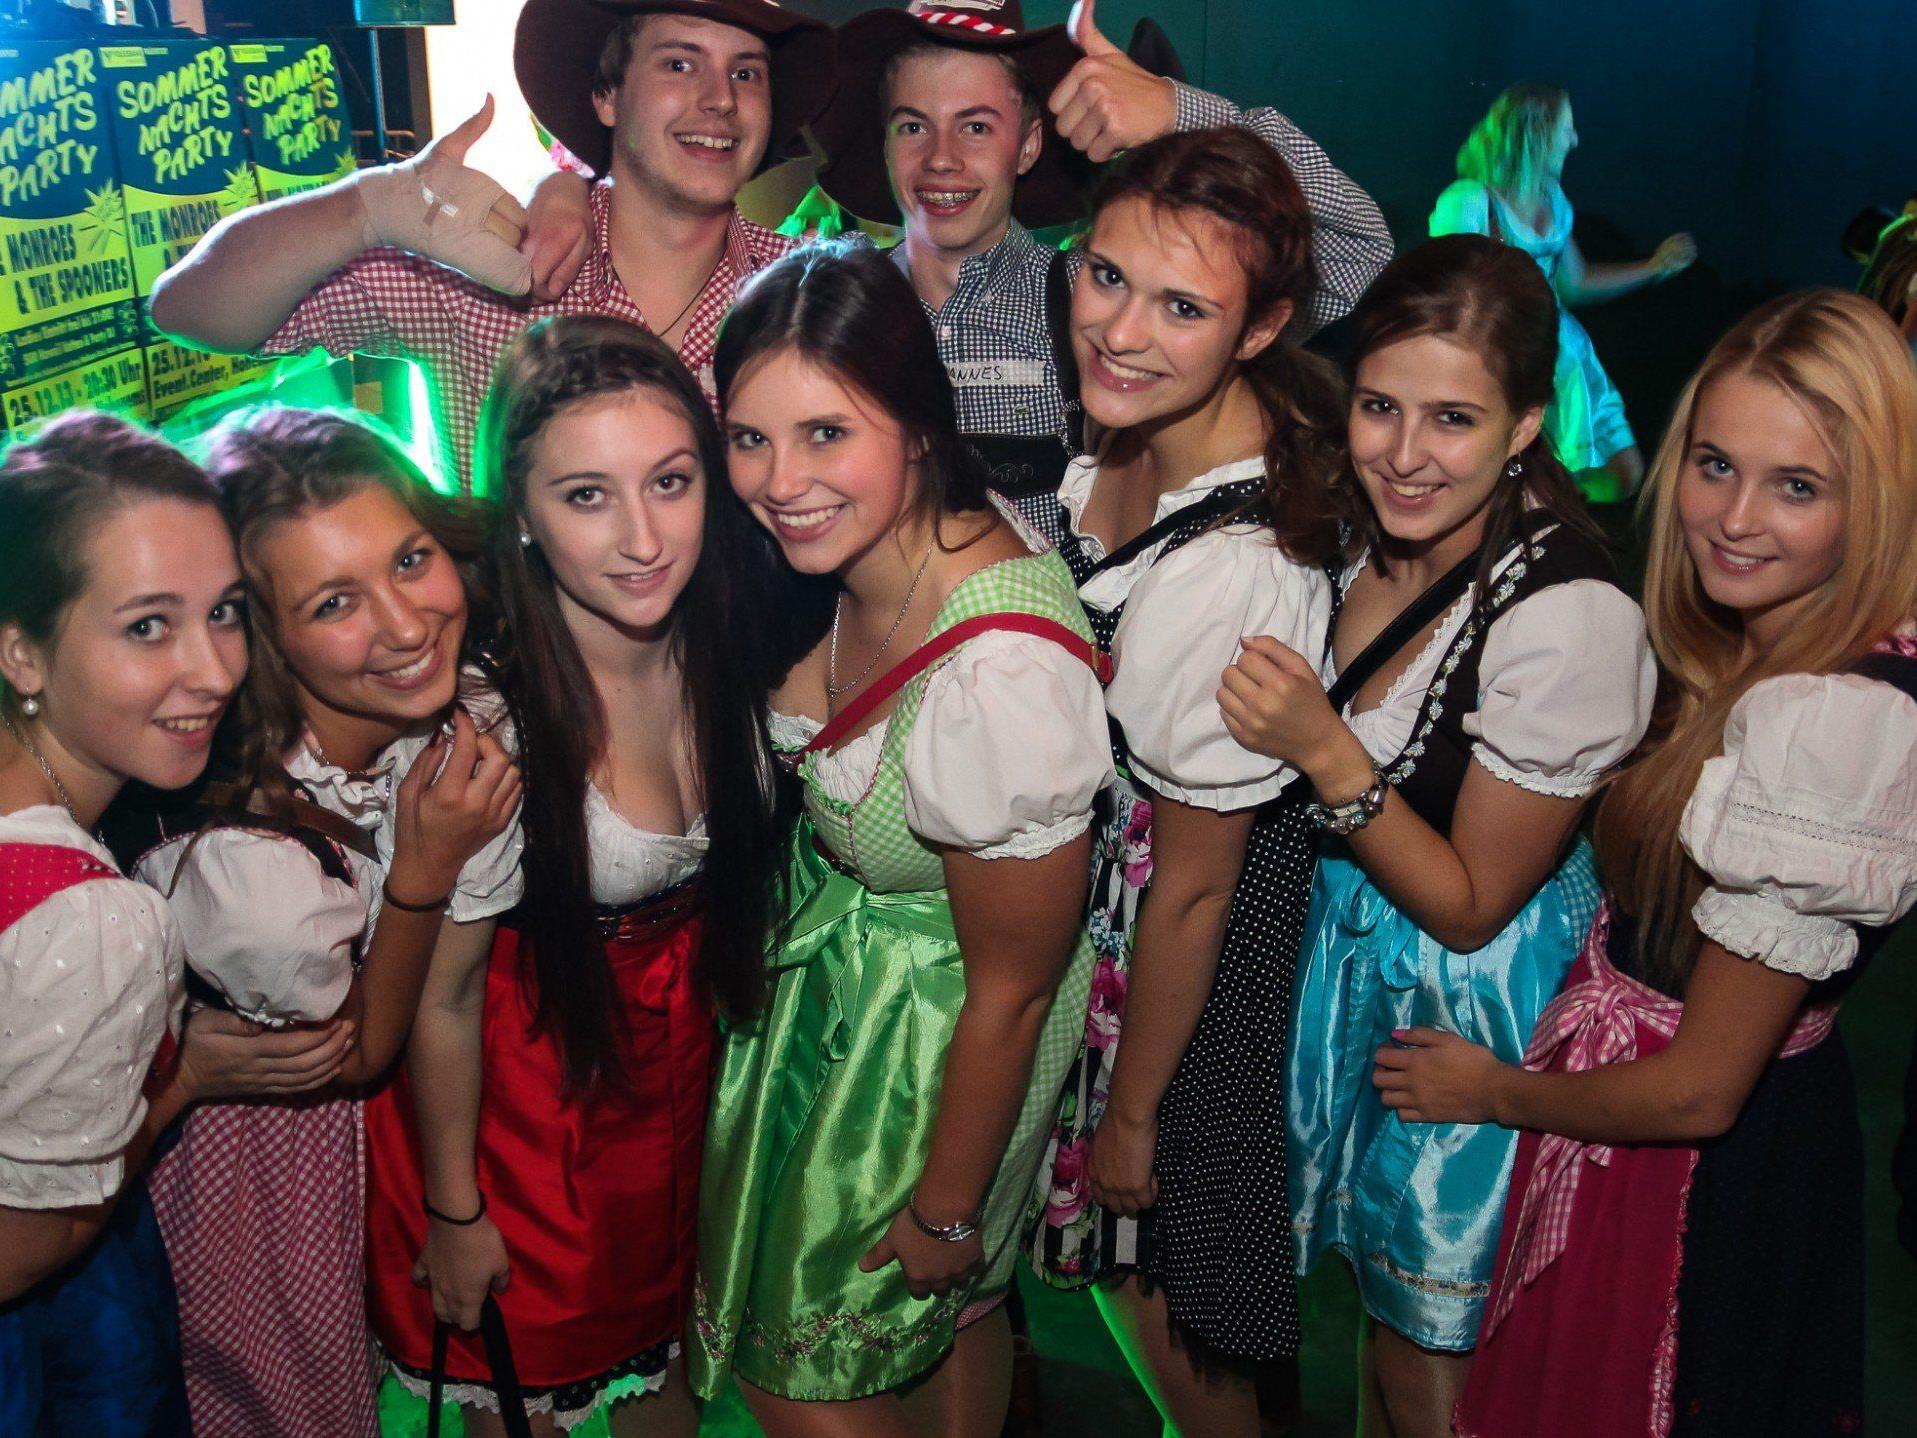 Das 5. Emser Oktoberfest startete am Donnerstag mit dem Wiesn-Clubbing.